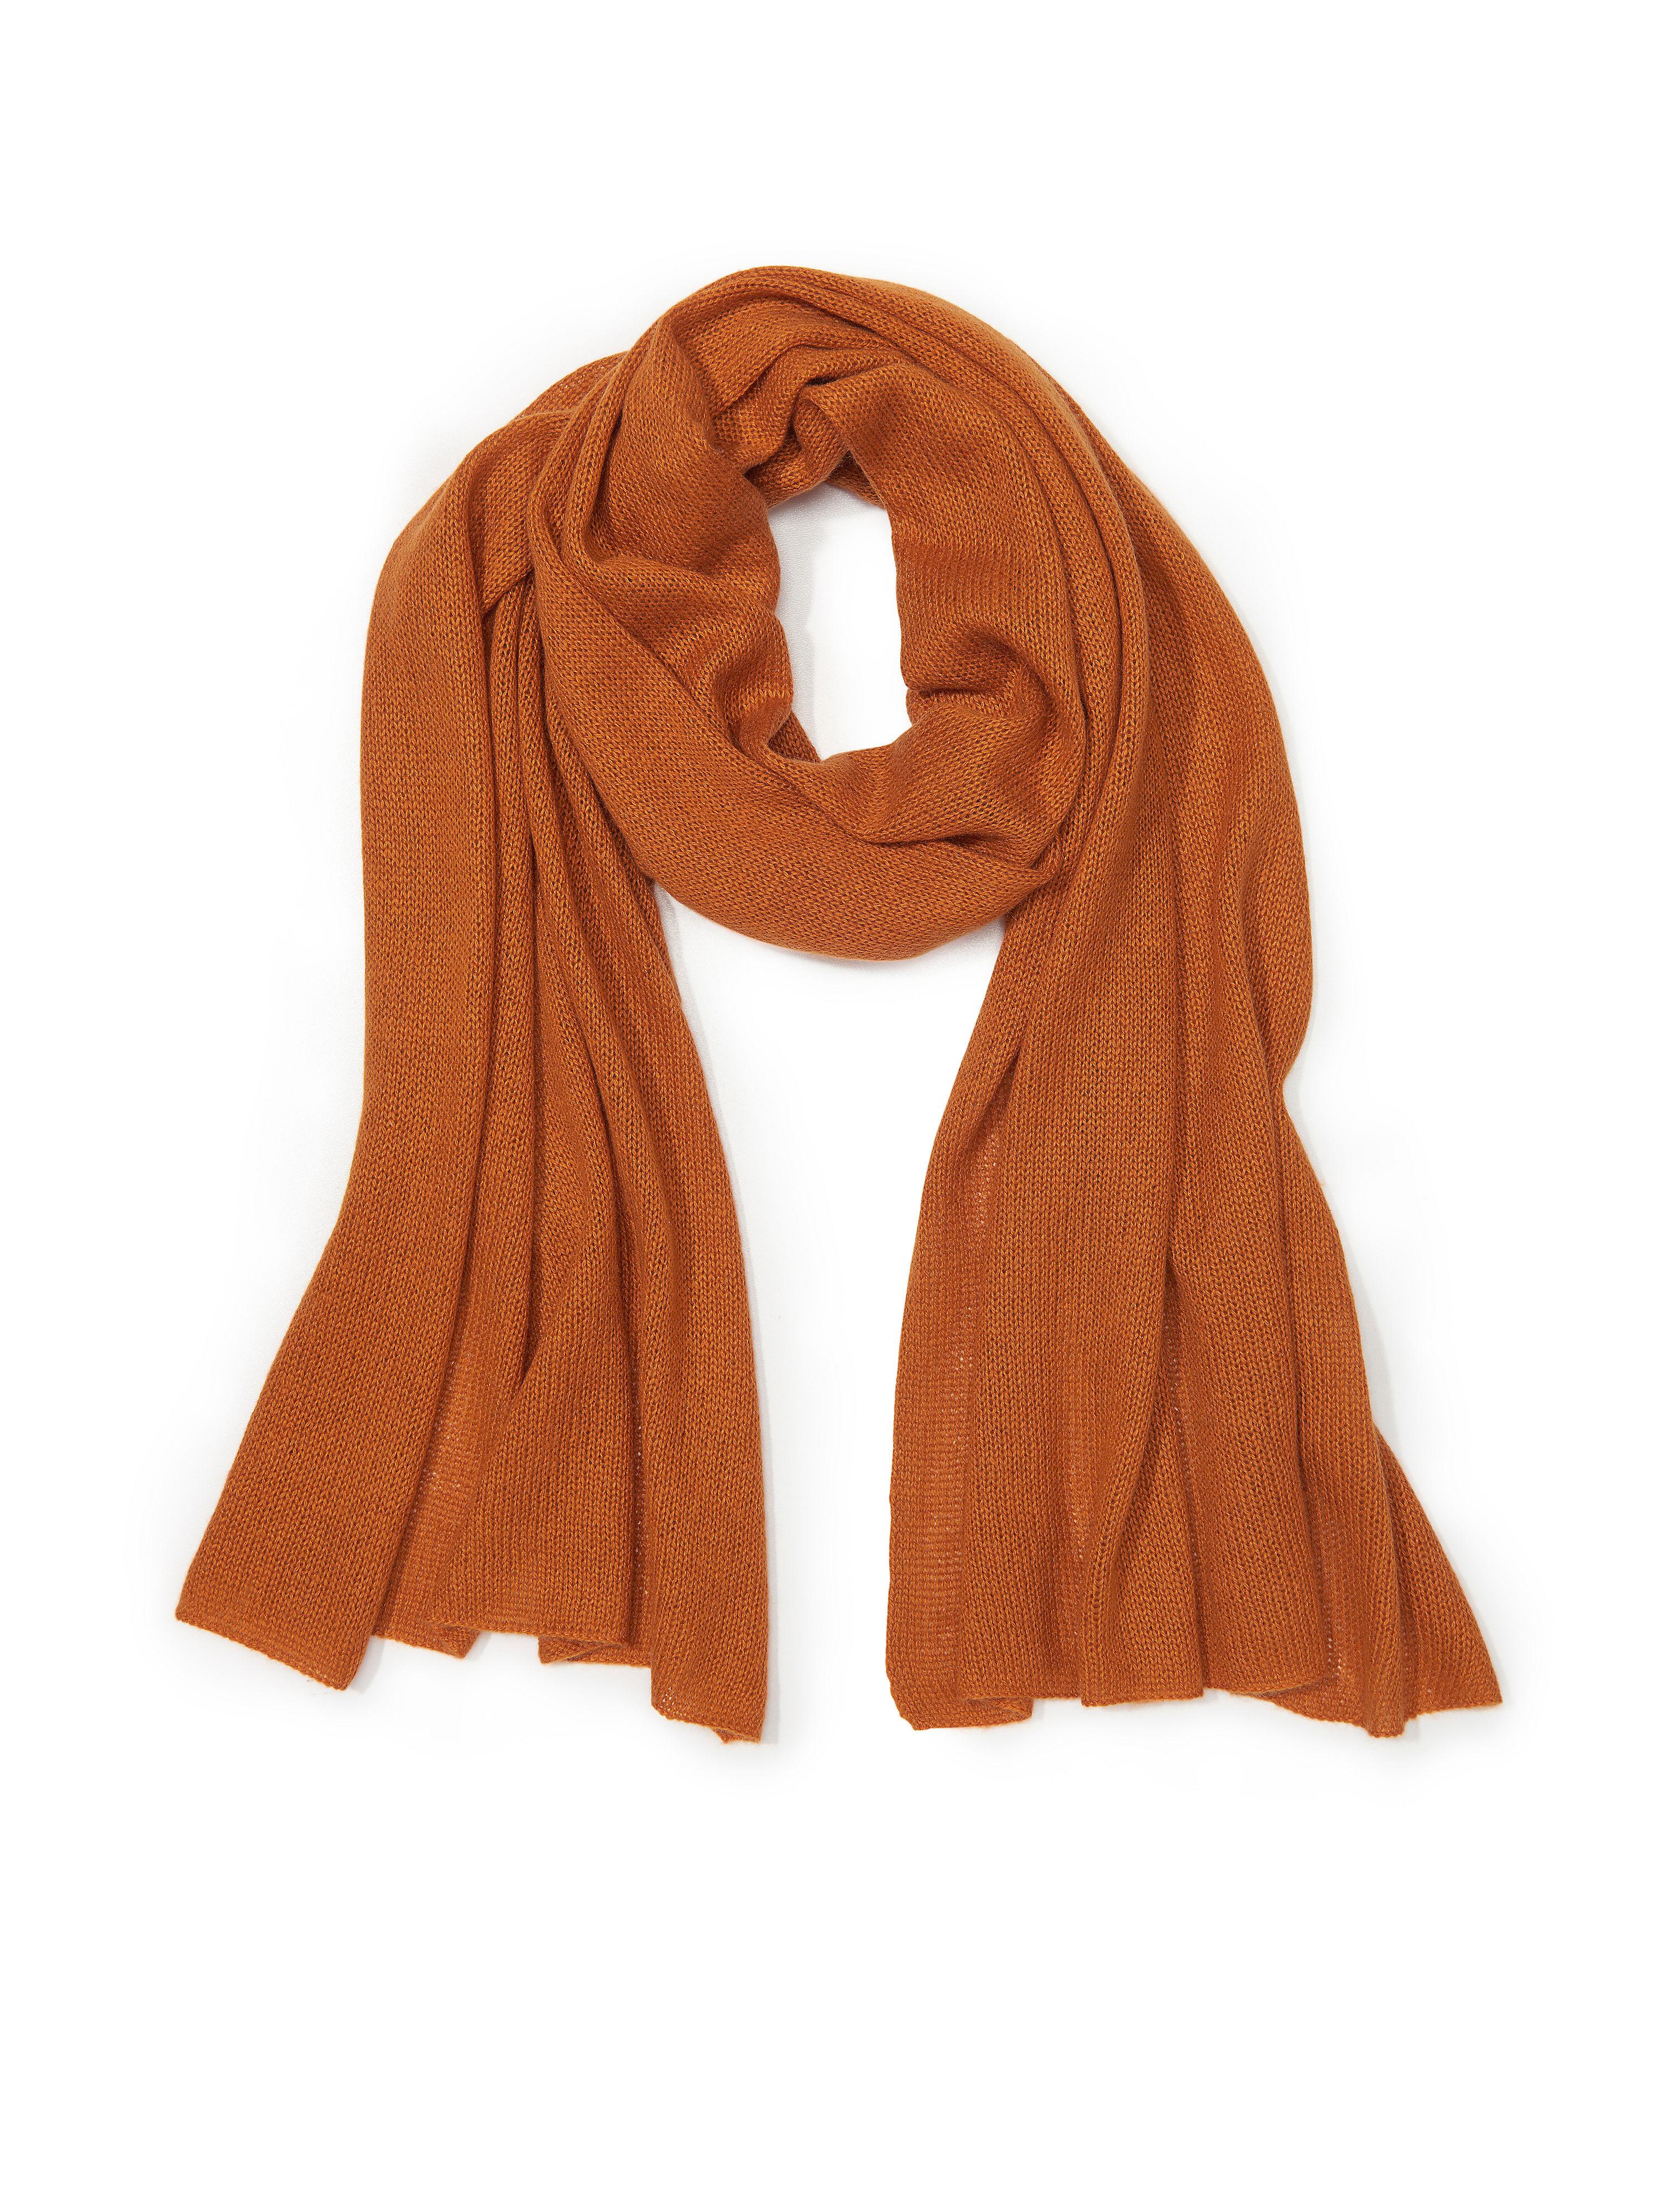 Schal aus Seide Kaschmir Peter Hahn orange: Schal aus Seide Kaschmir Peter Hahn orange für Damen und Herren in orange